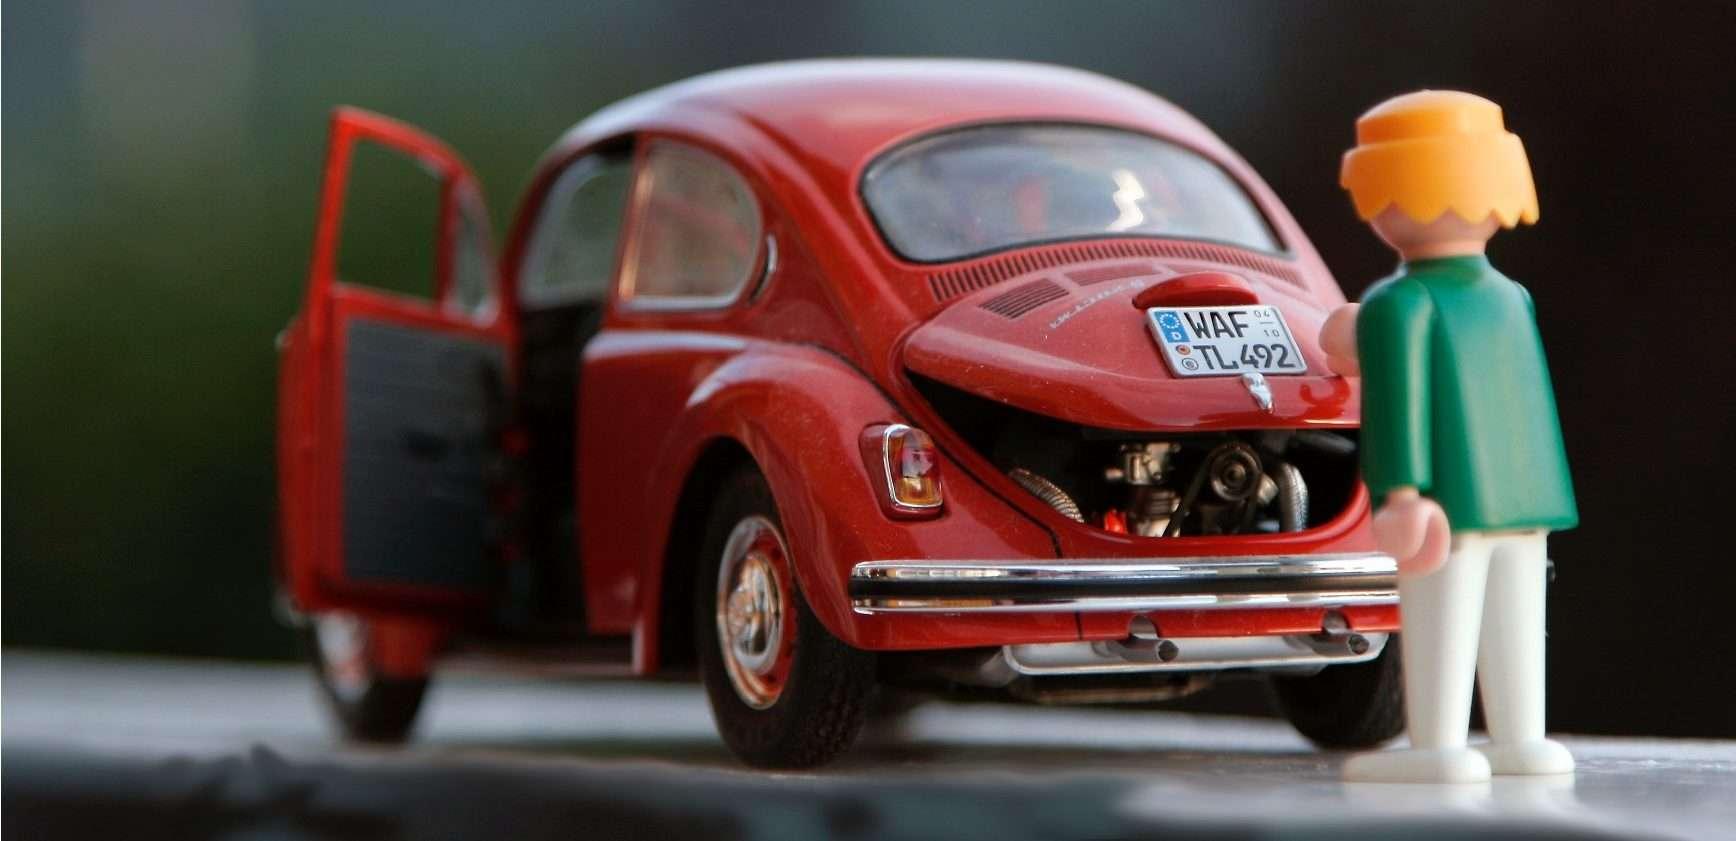 Cómo debe hacer el mantenimiento preventivo de un coche parado